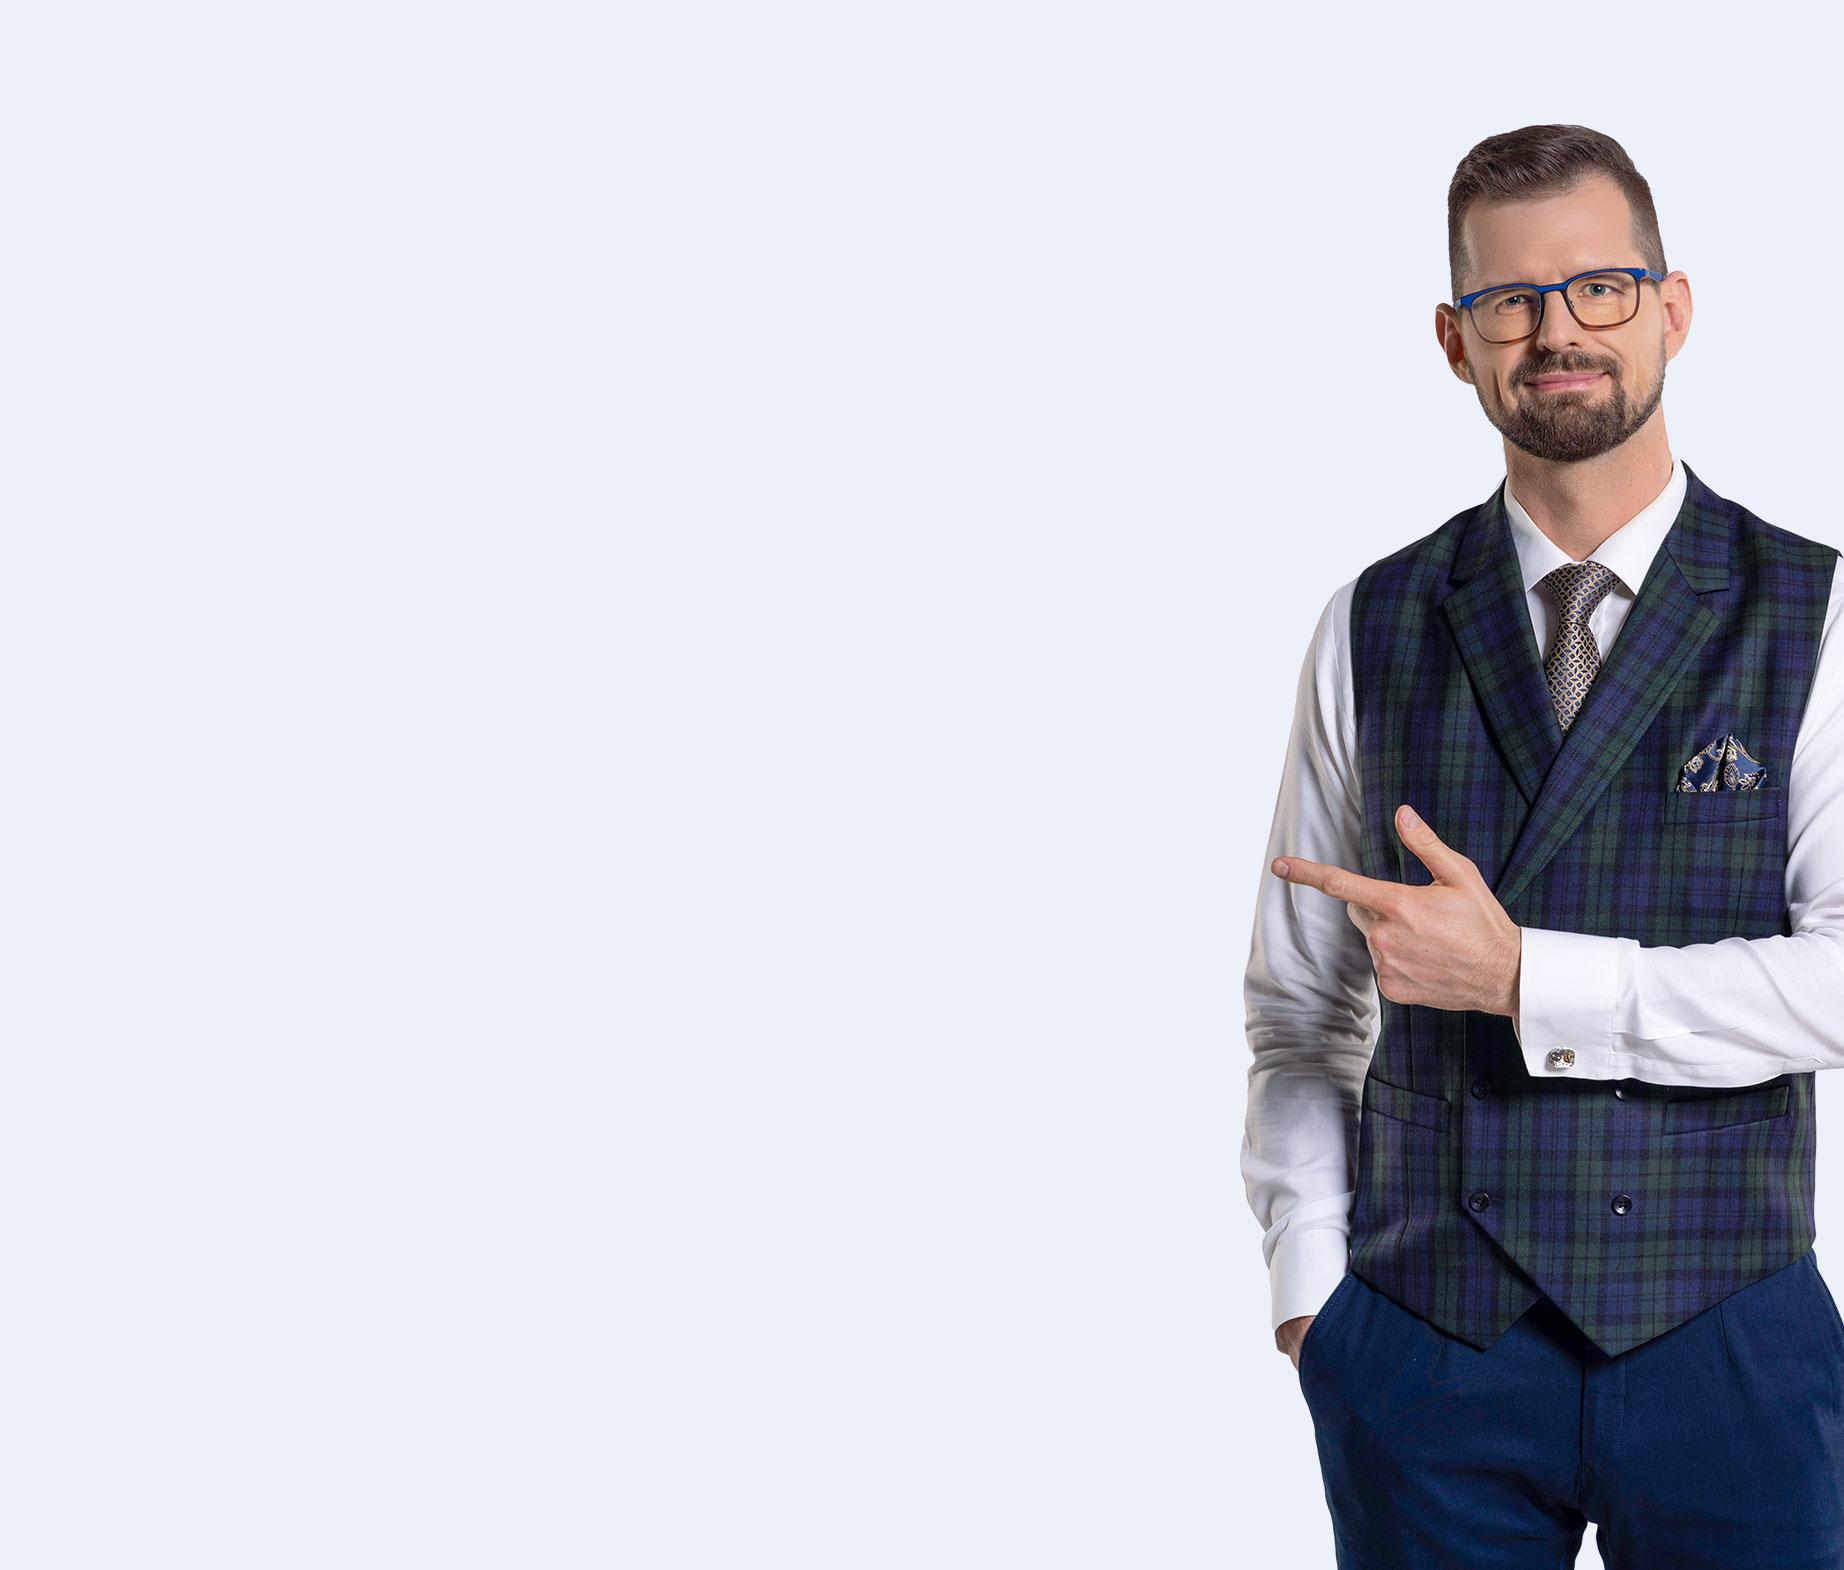 Koszt rejestracji znaku towarowego - rzecznik patentowy Mikołaj Lech